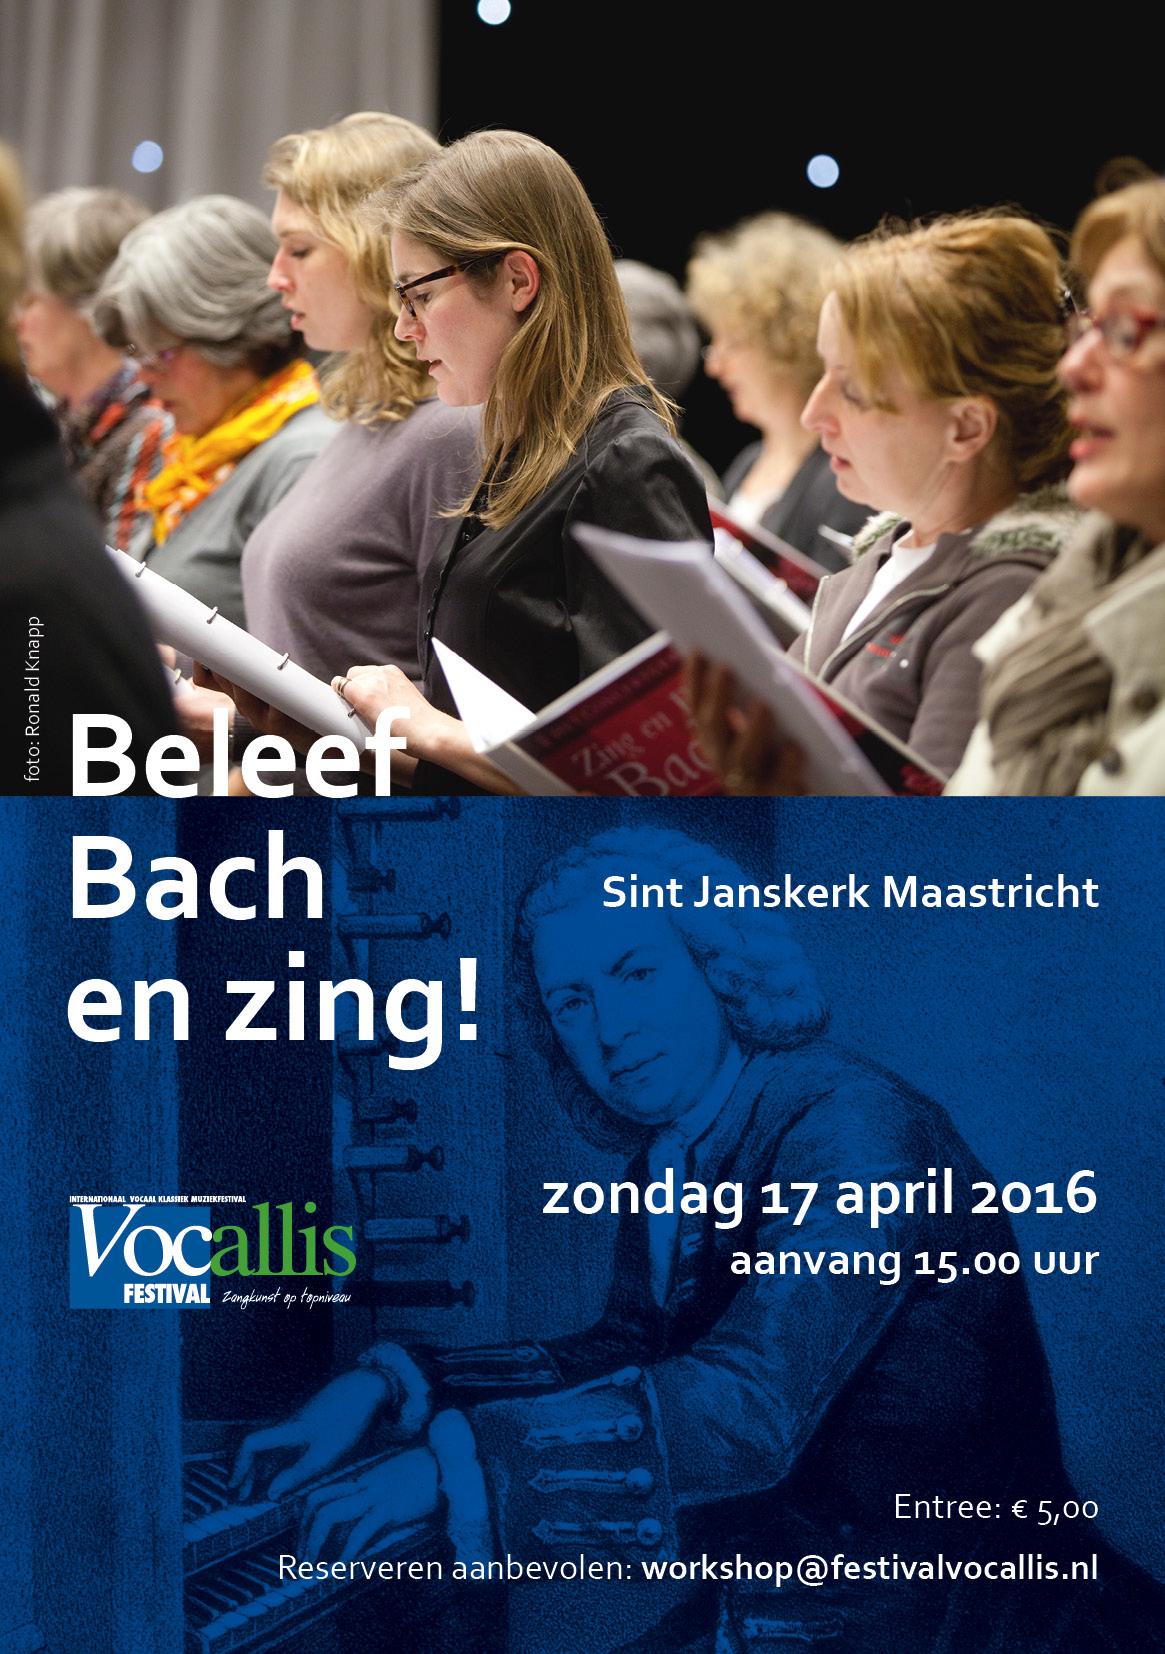 presentatie Beleef Bach_flyer_